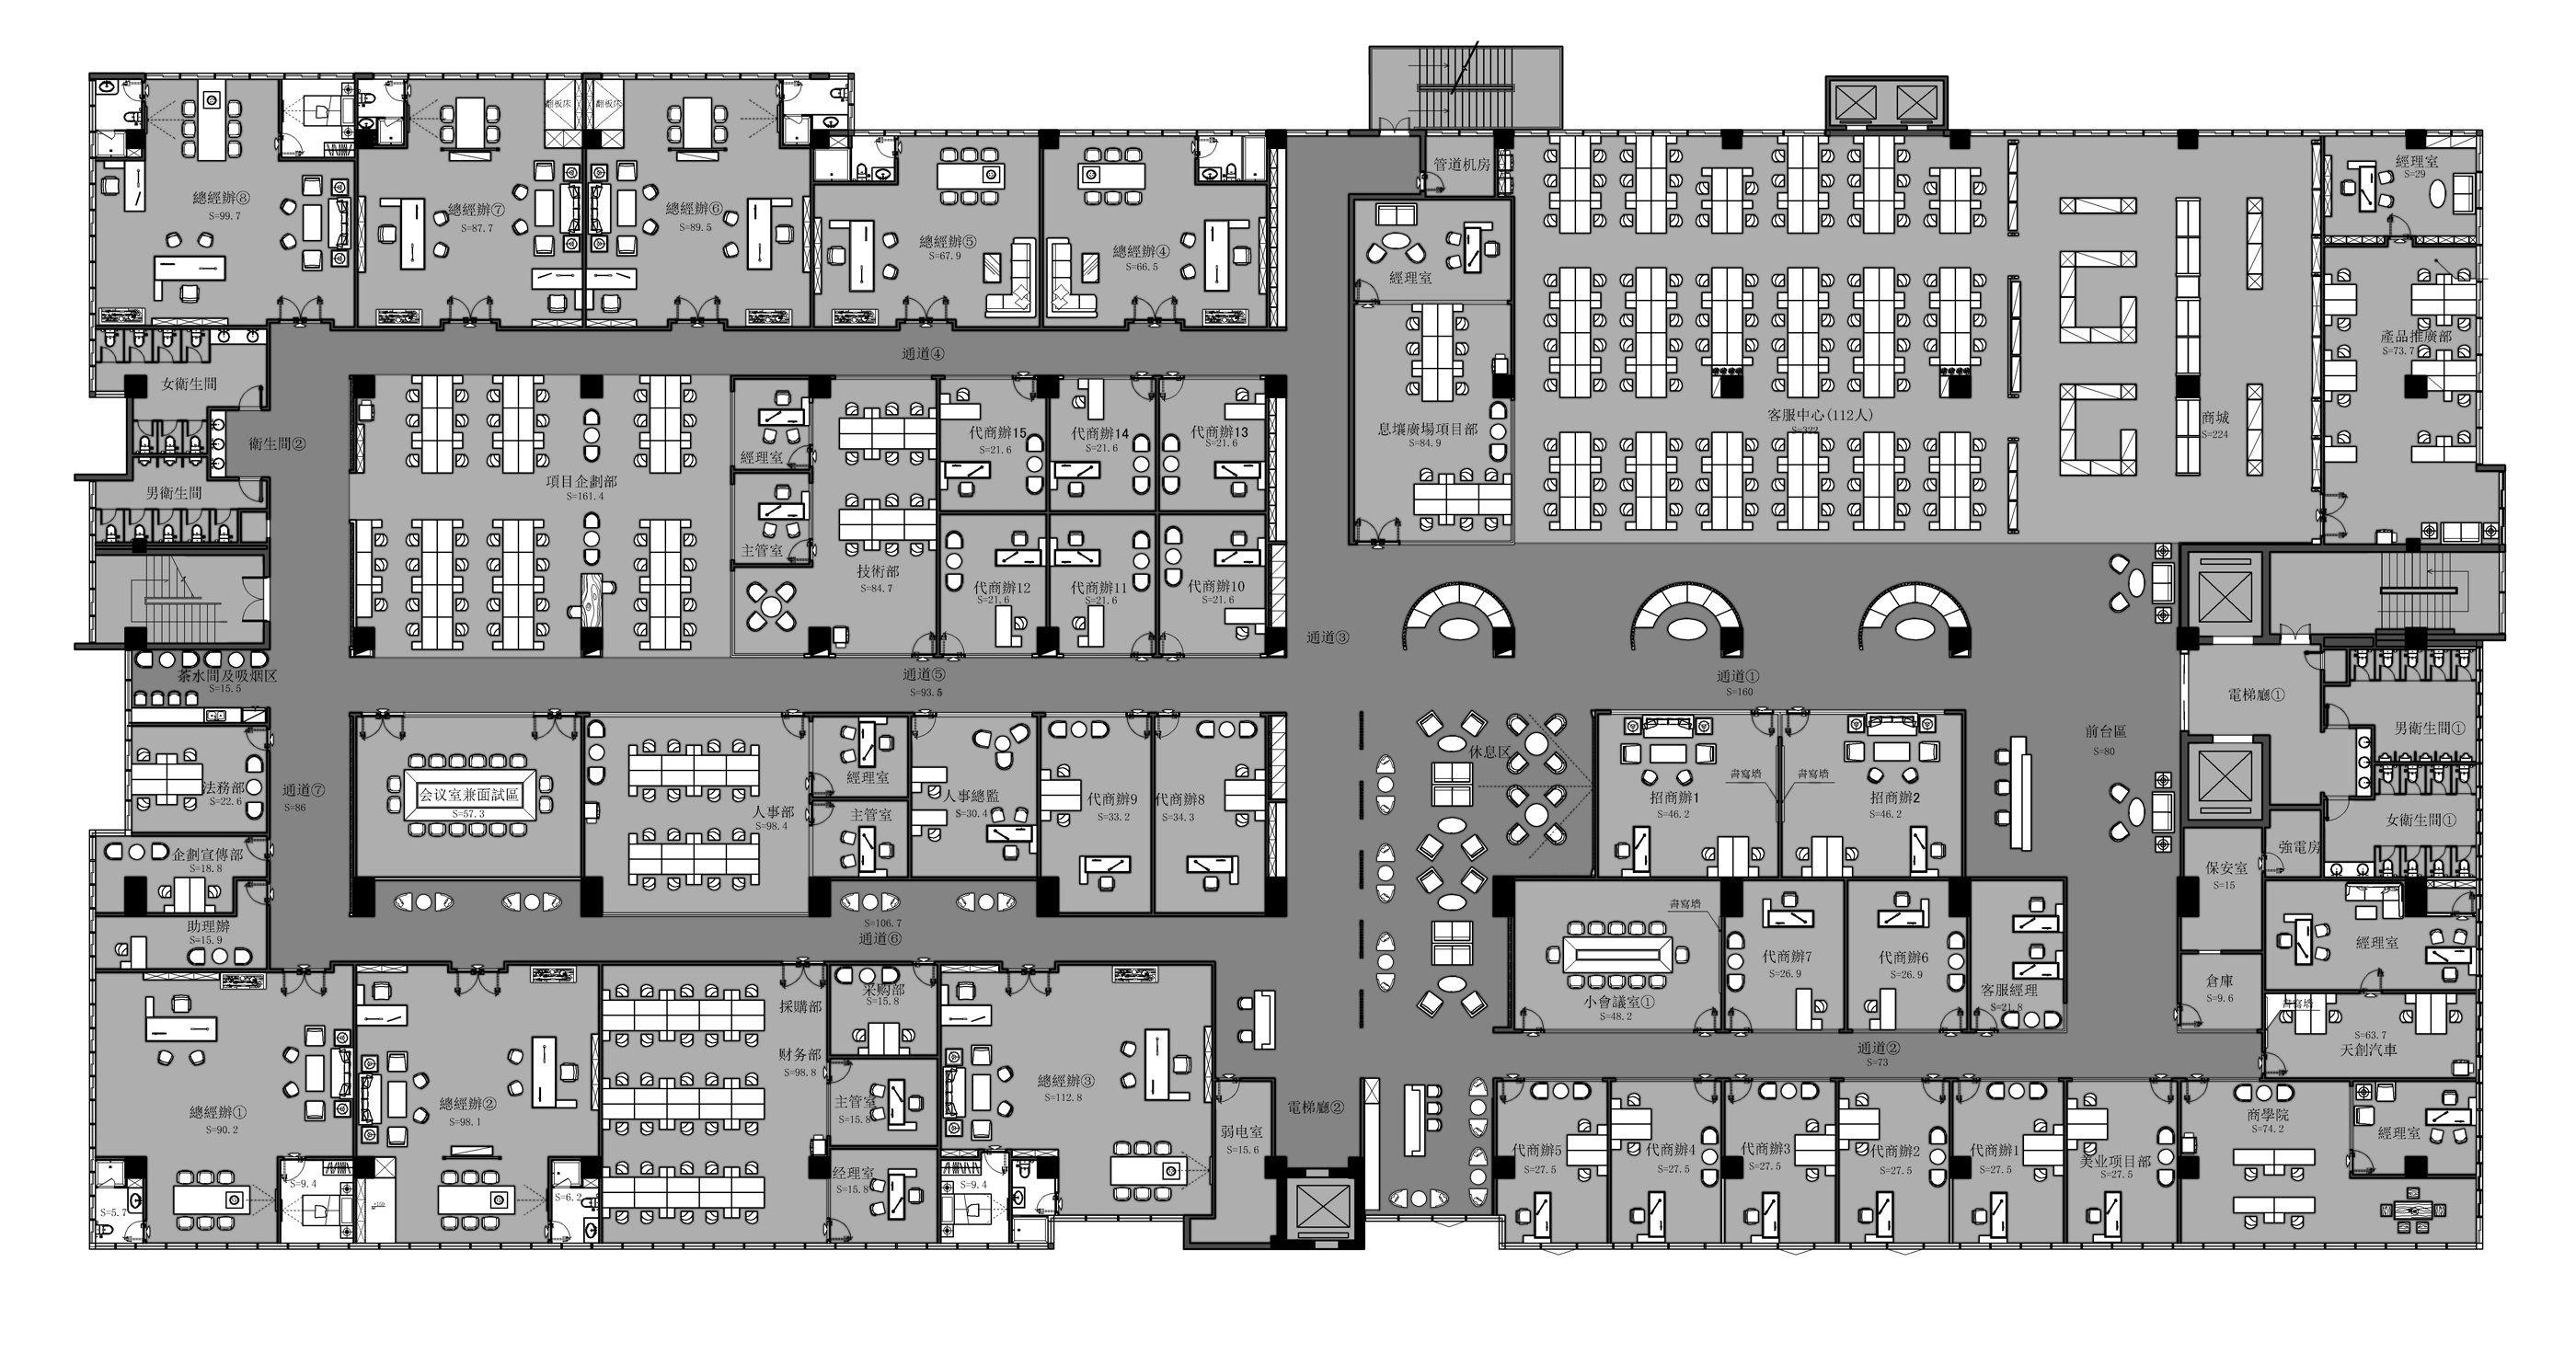 深圳天创息壤网络科技有限公司办公室设计说明